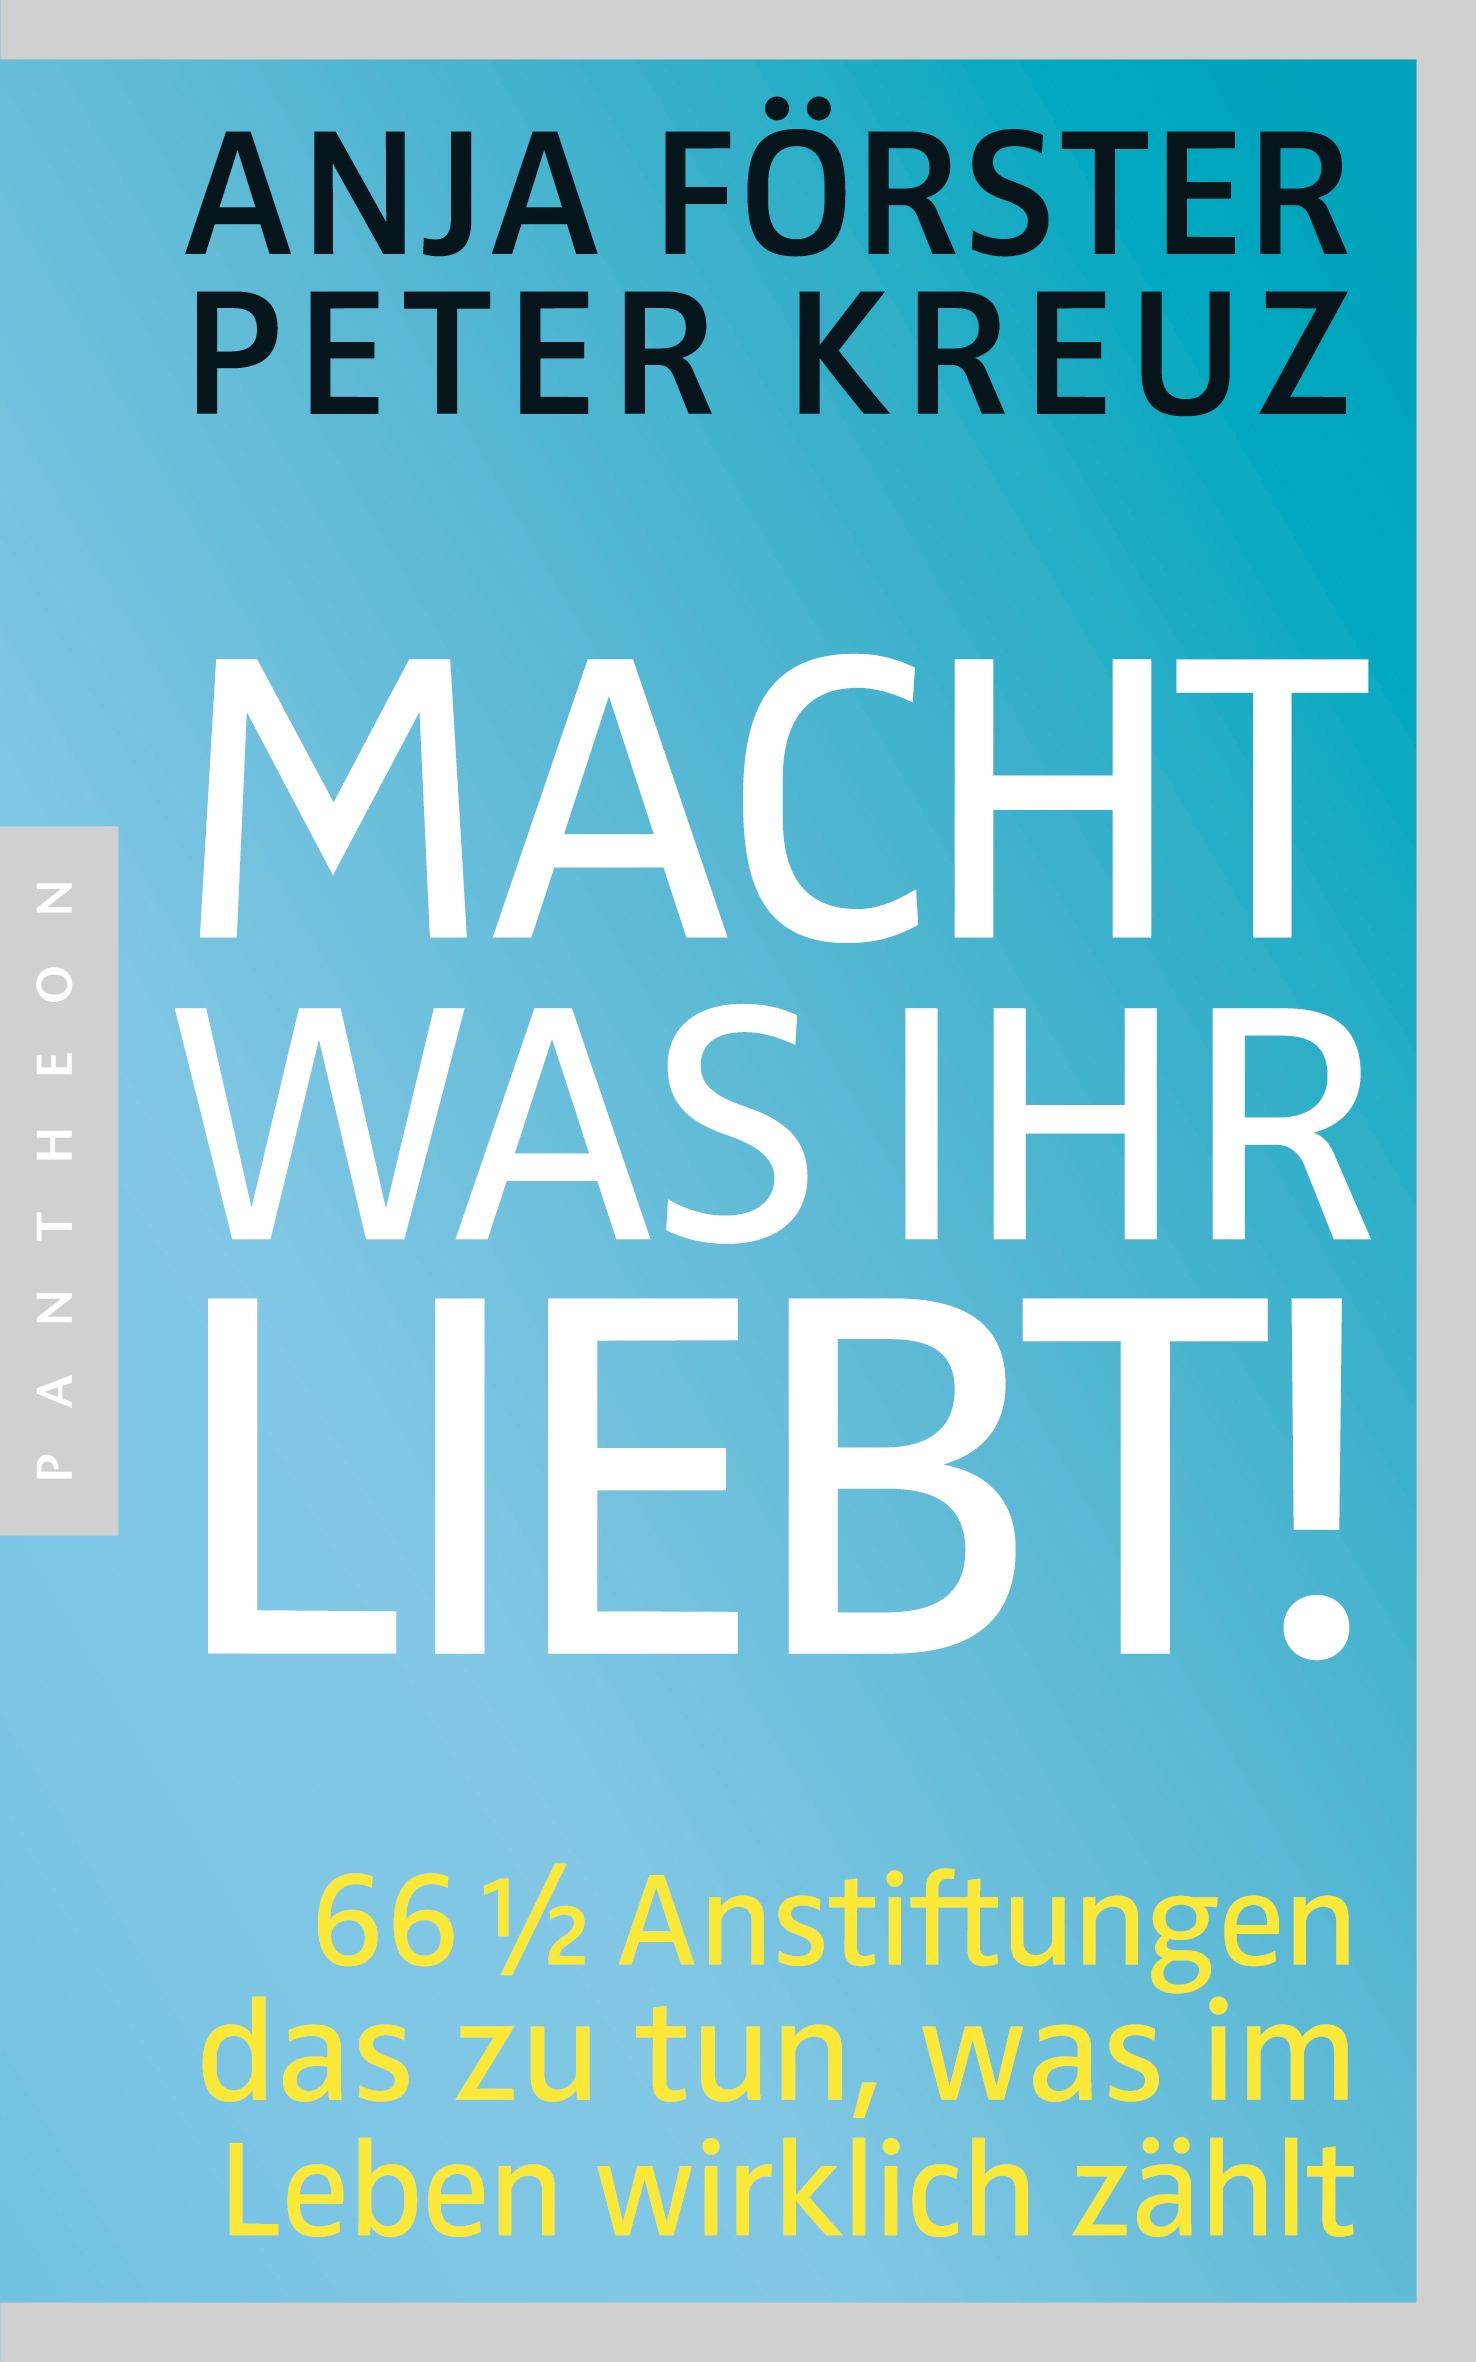 Macht was ihr liebt!, Förster / Kreuz, Becker-PR, Buch-PR